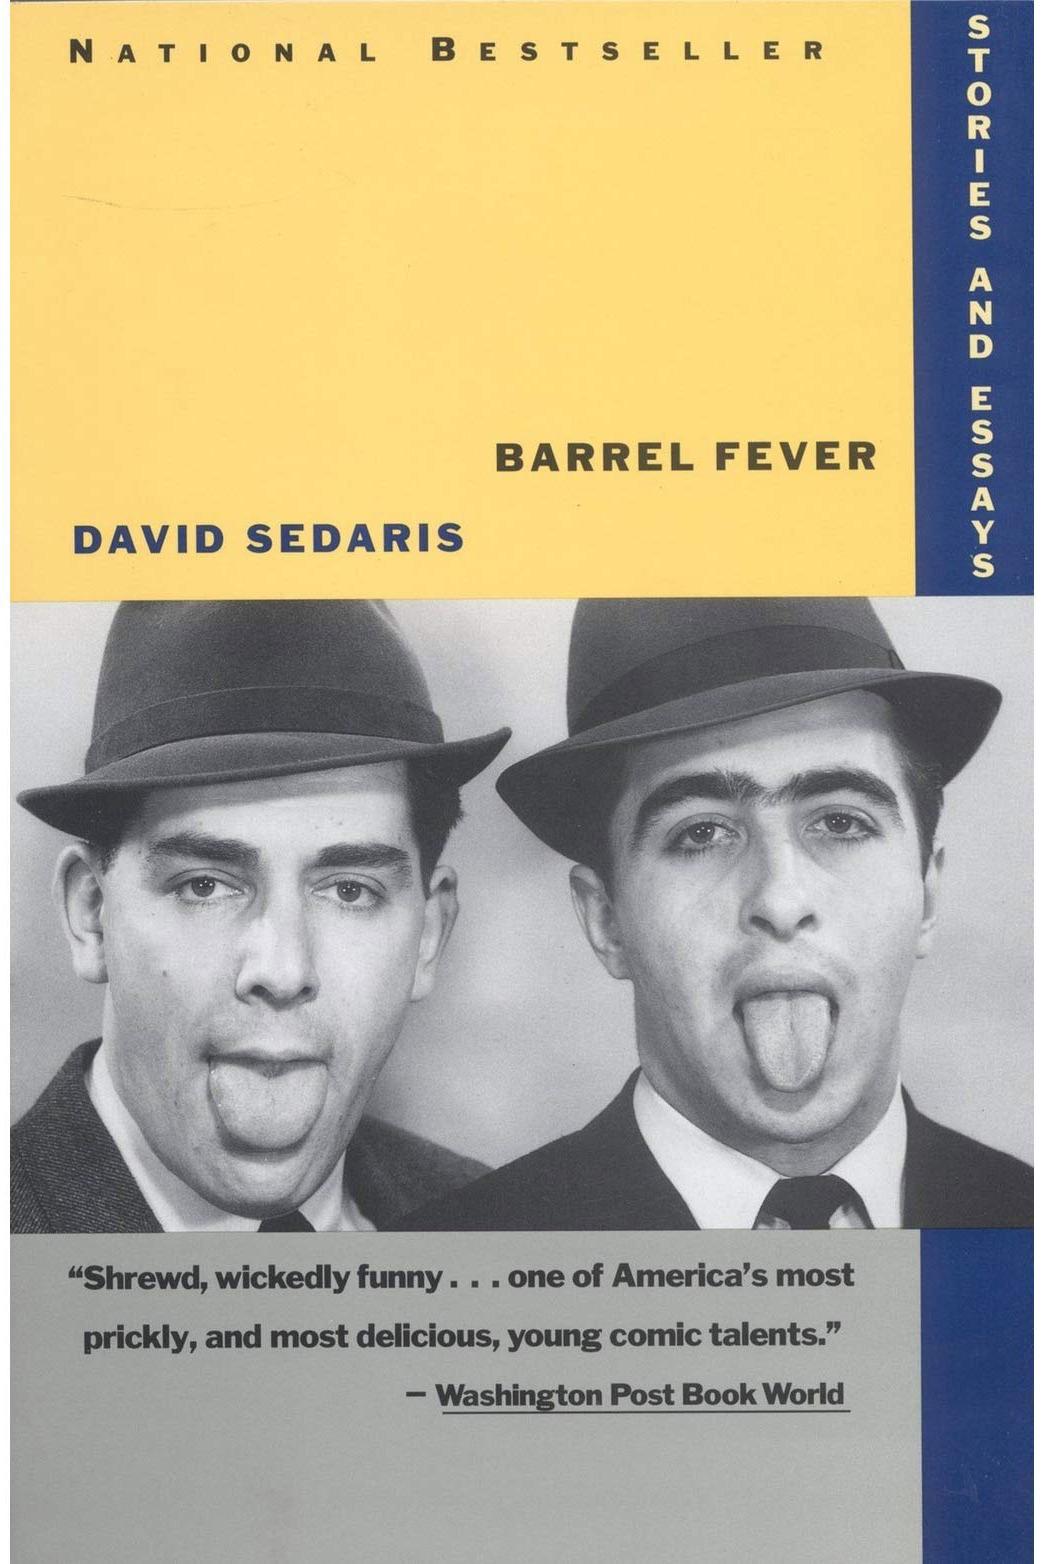 <em>Barrel Fever</em> by David Sedaris